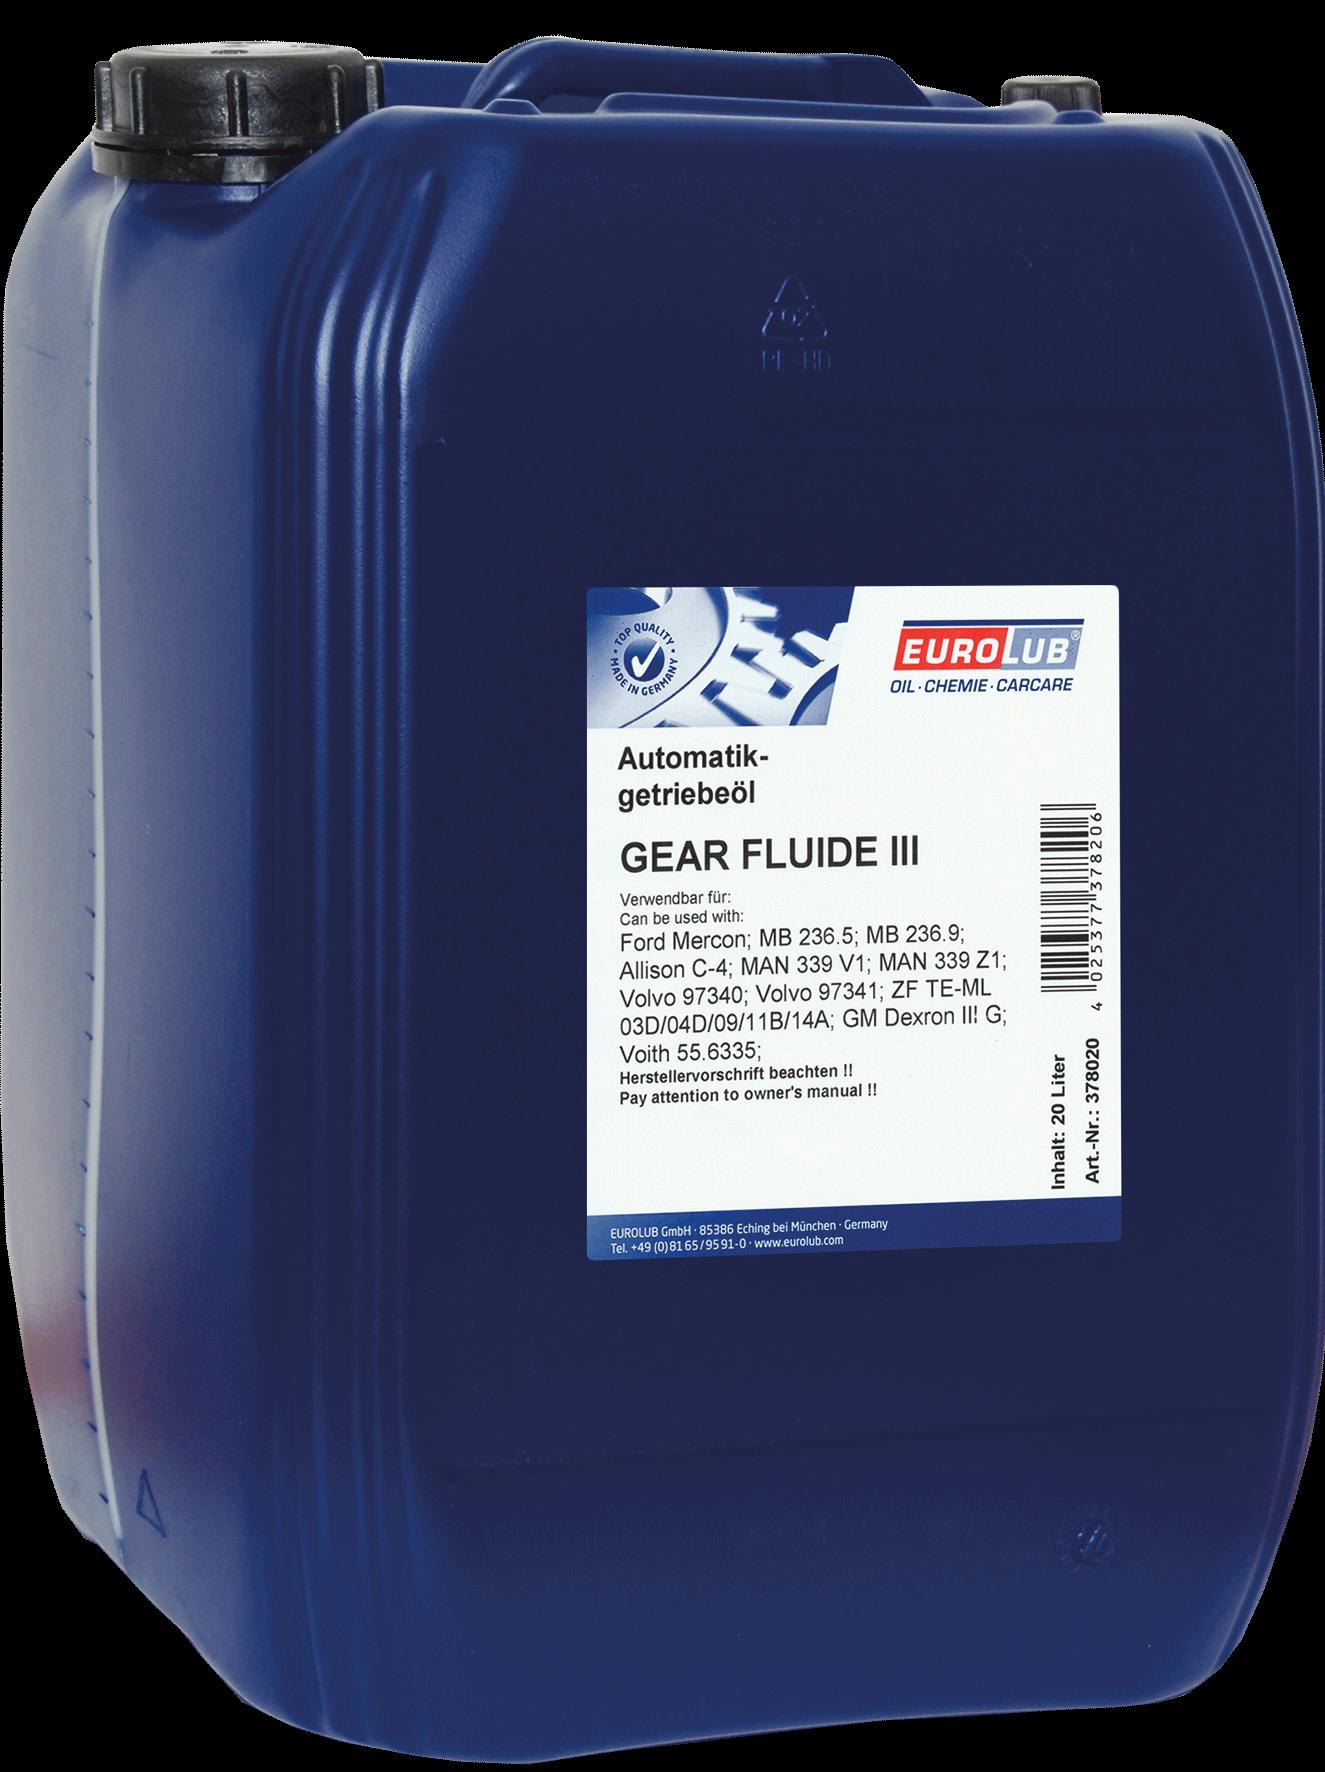 EUROLUB Gear Fluide III, 20л